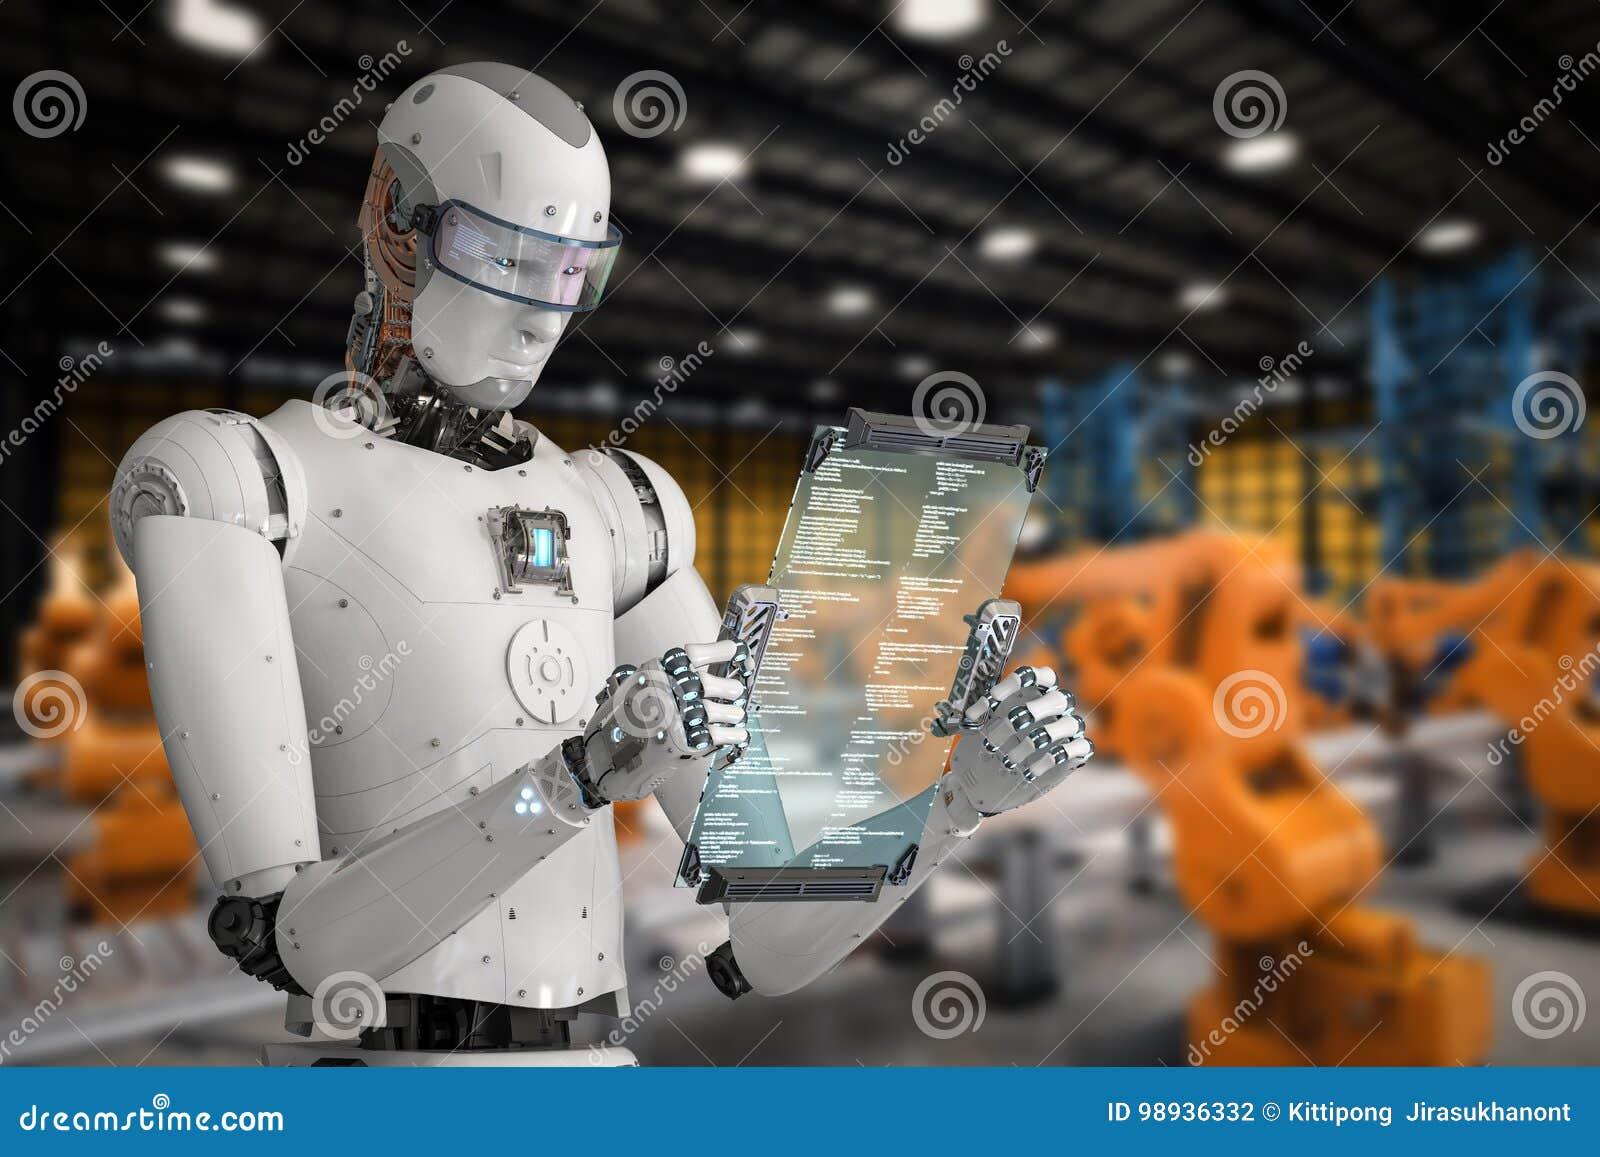 Roboter, der mit digitaler Tablette arbeitet